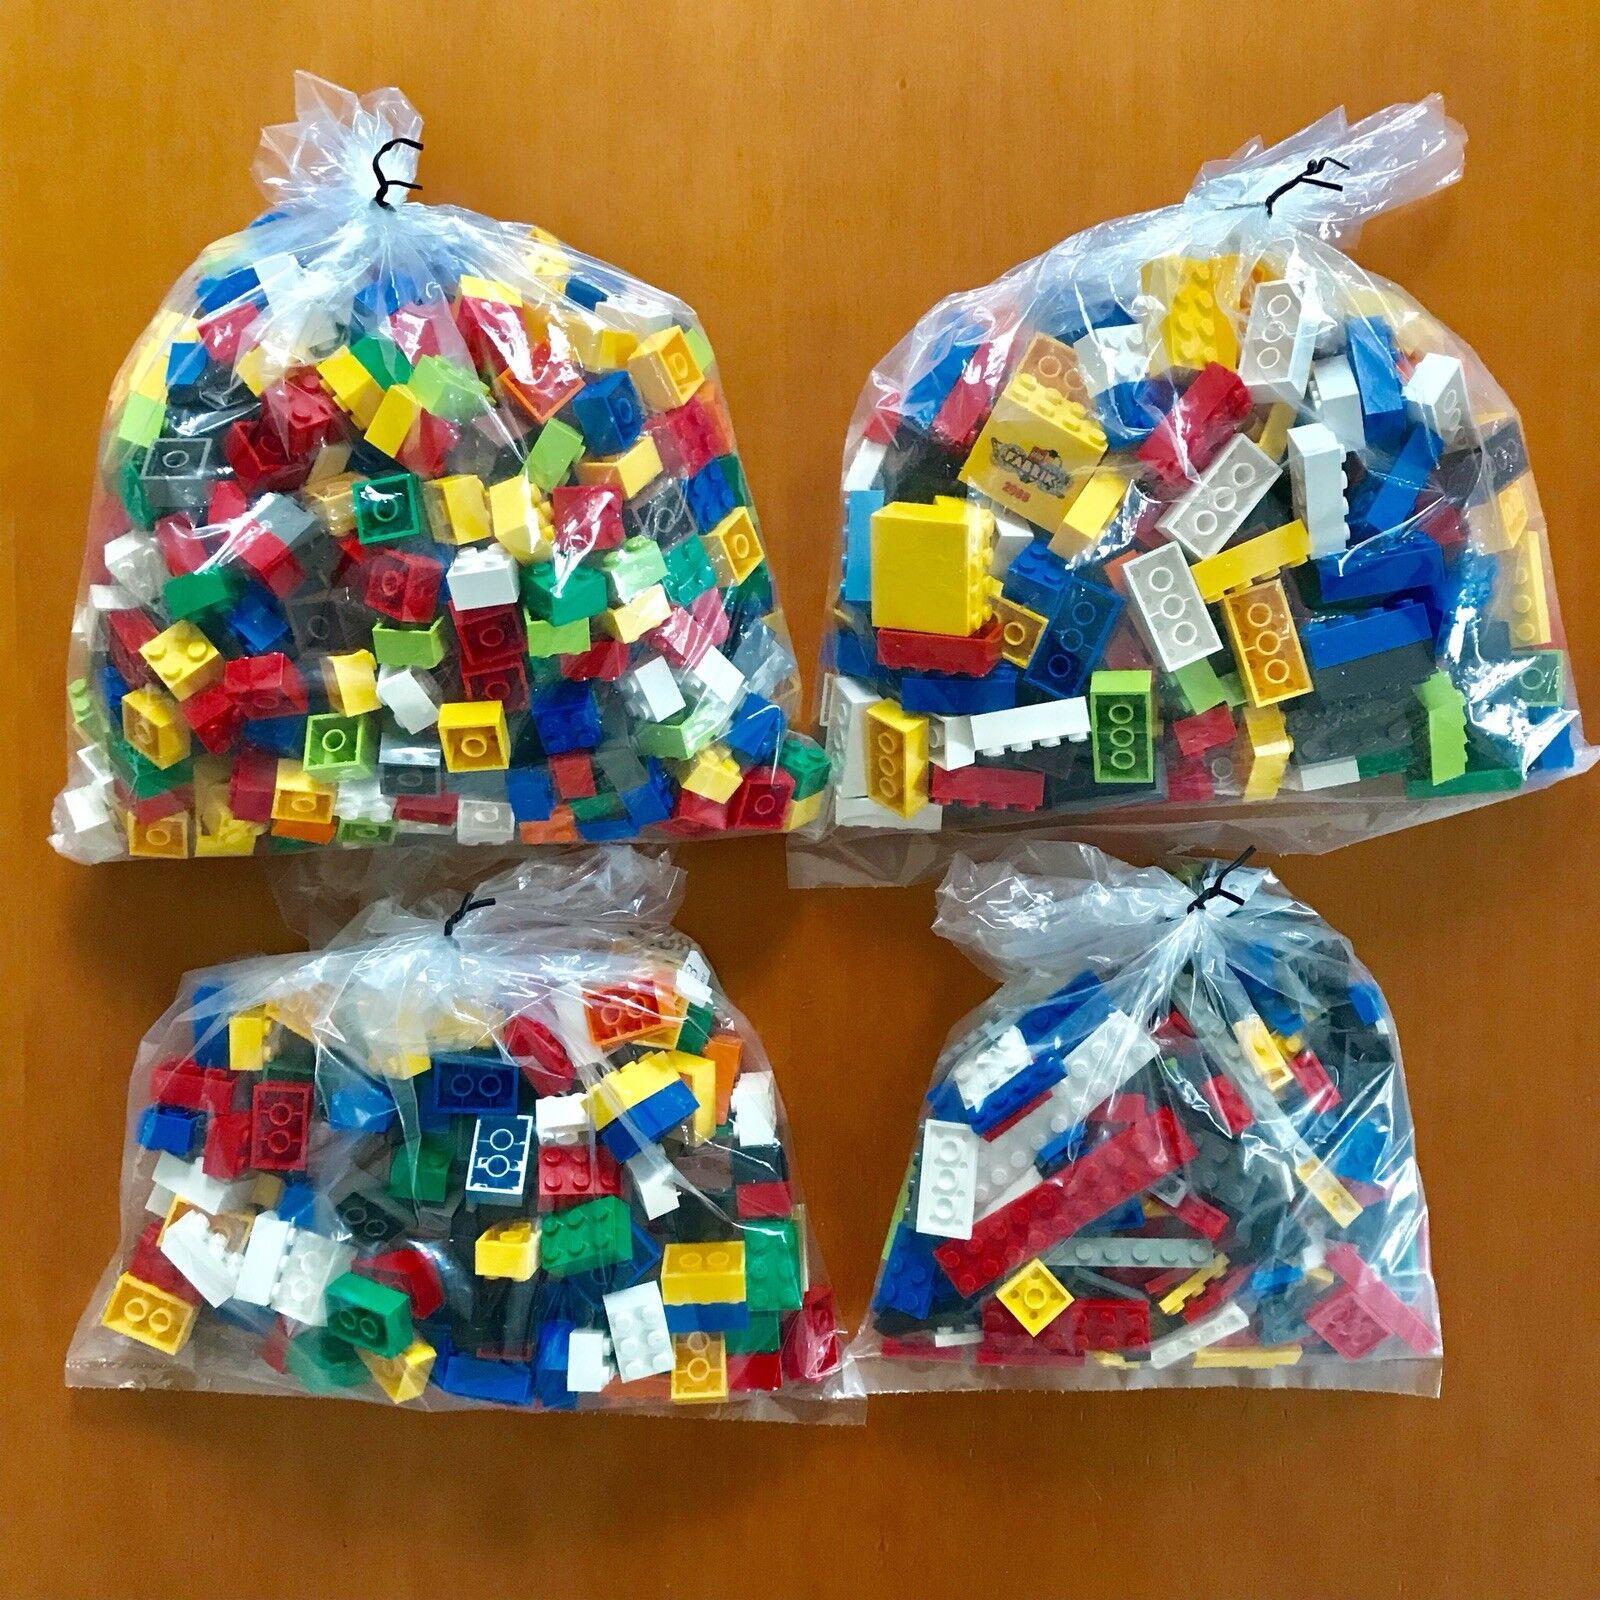 LEGO Konvolut - Guter Zustand, vorsortiert, ca. 4 KG